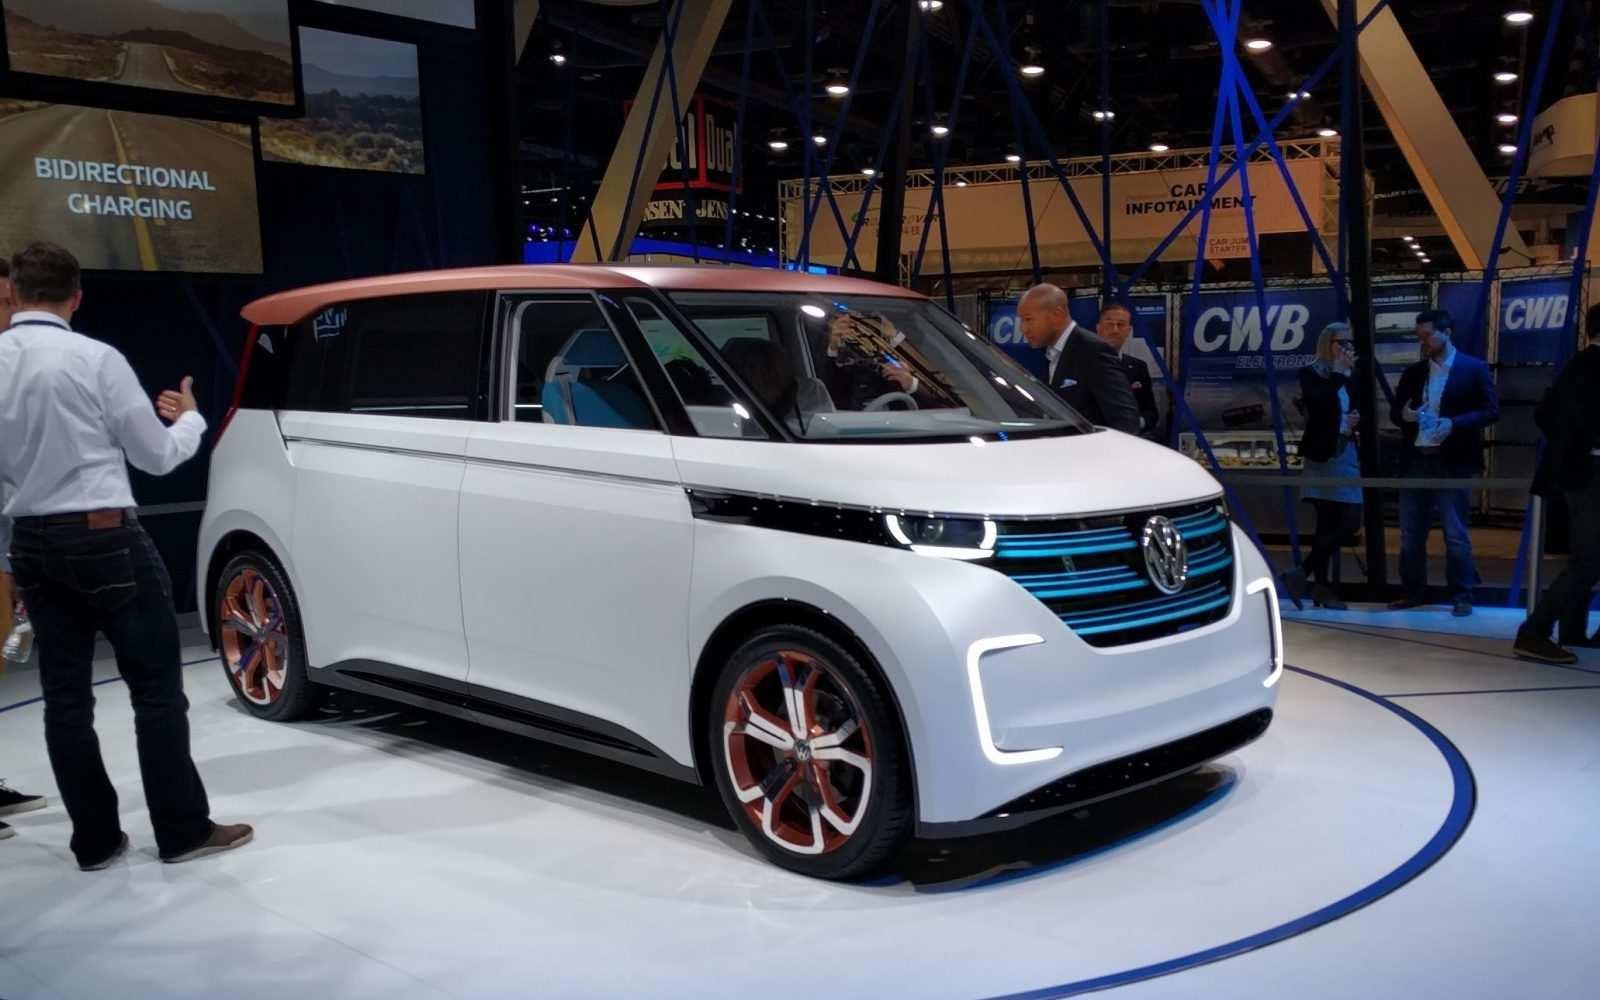 40 Concept of Volkswagen Minivan 2020 Price with Volkswagen Minivan 2020